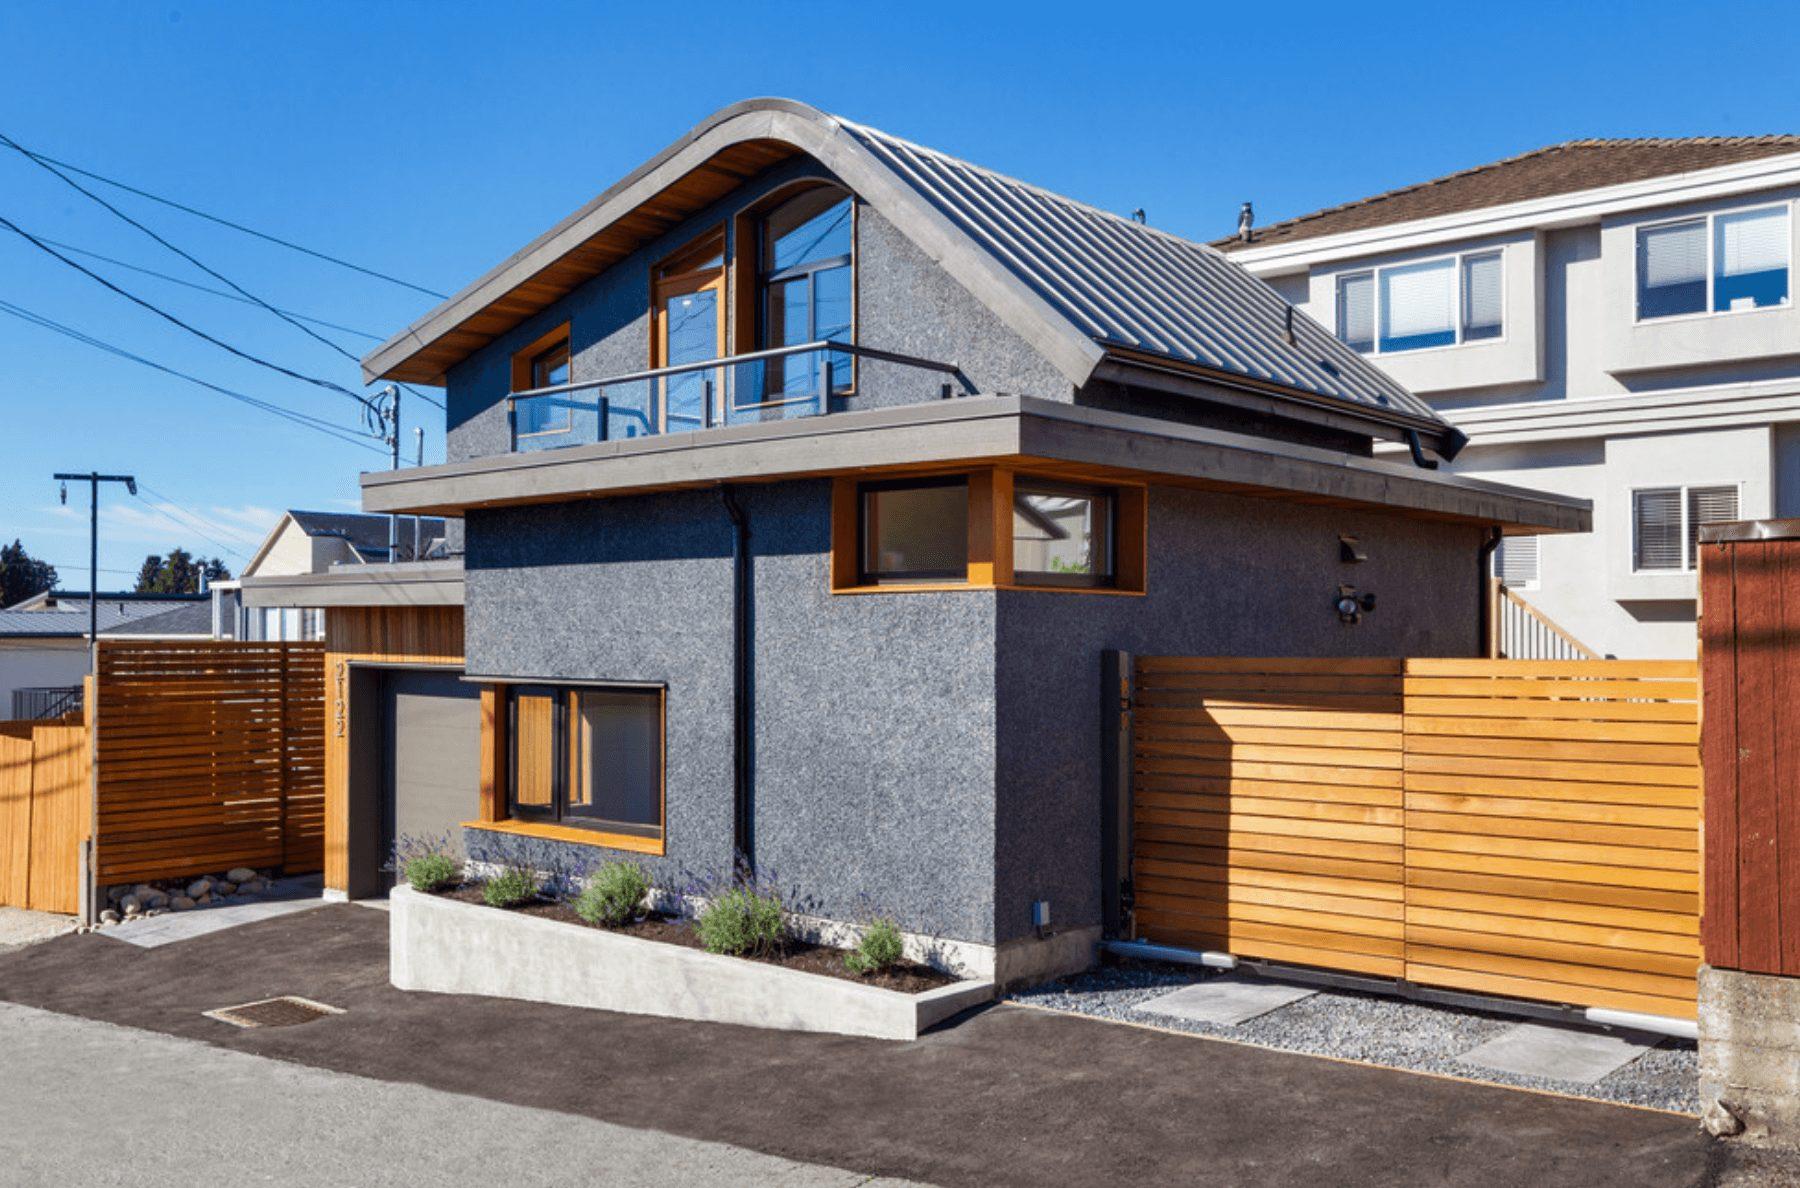 Casas bonitas fotos